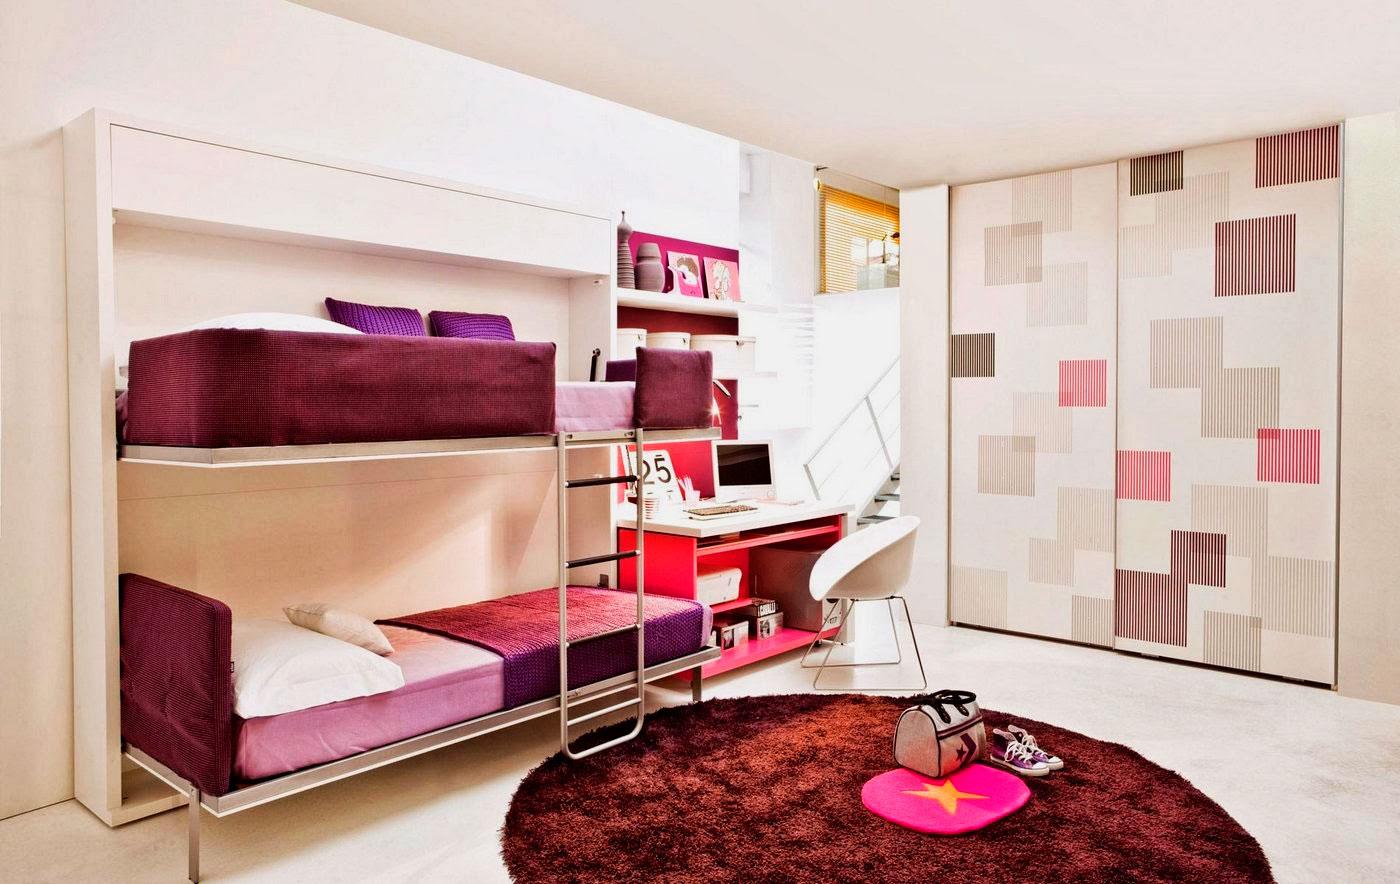 Двухъярусная откидная шкаф-кровать трансформер (16)